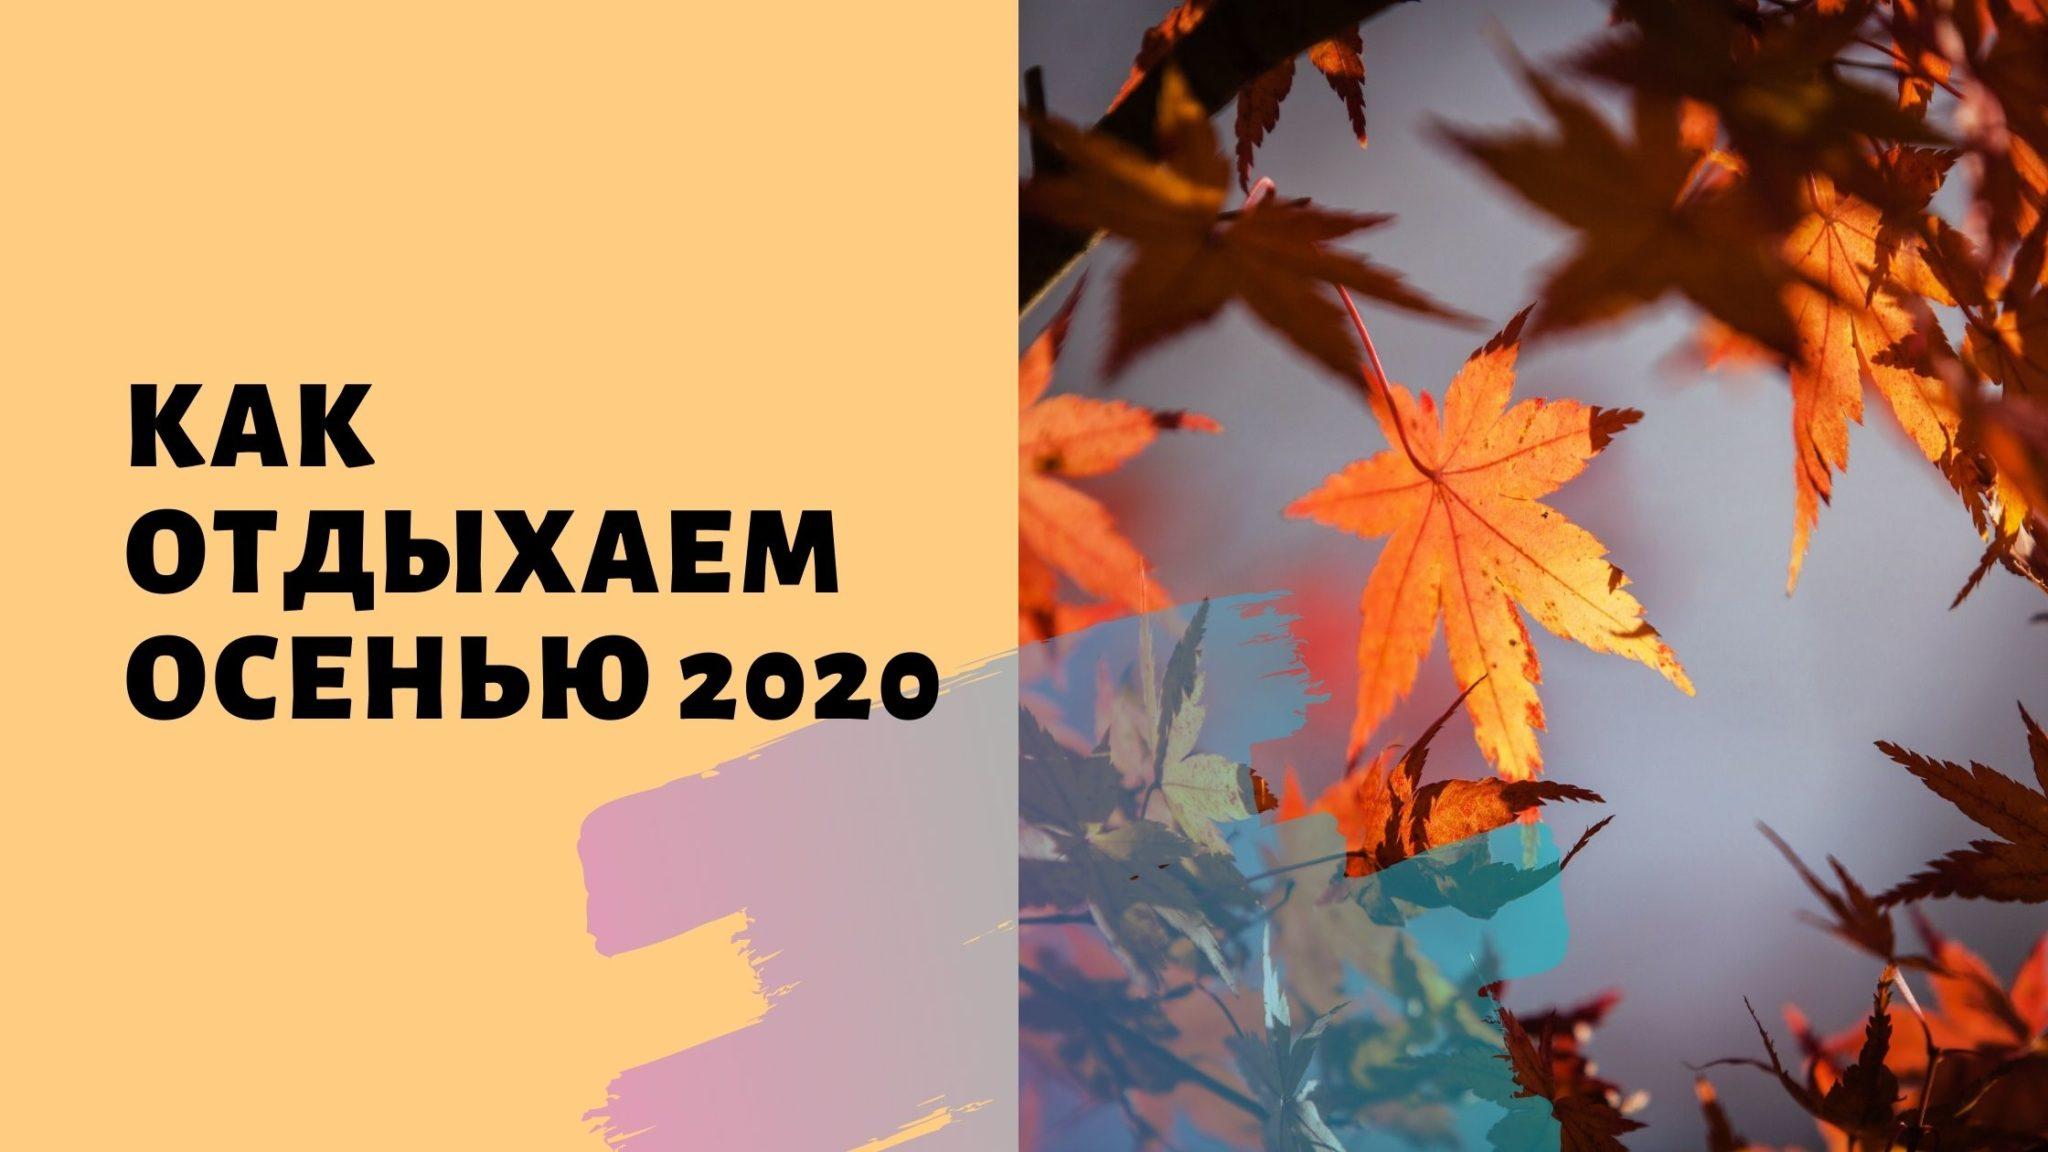 Как отдыхаем в ноябре и октябре 2020